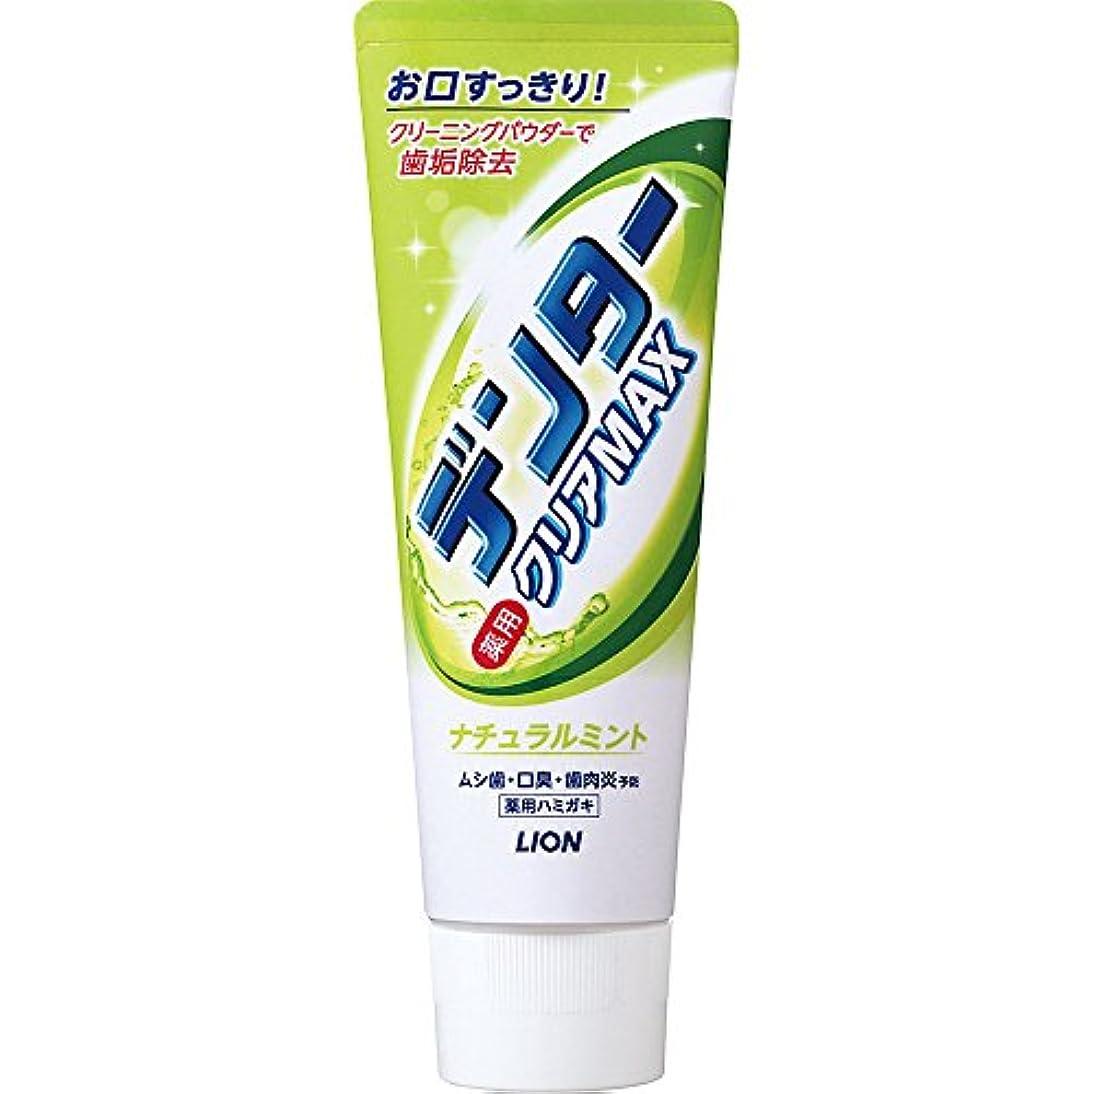 賞賛機動気取らないデンタークリアMAX ライオン ナチュラルミント タテ型 140g (医薬部外品)